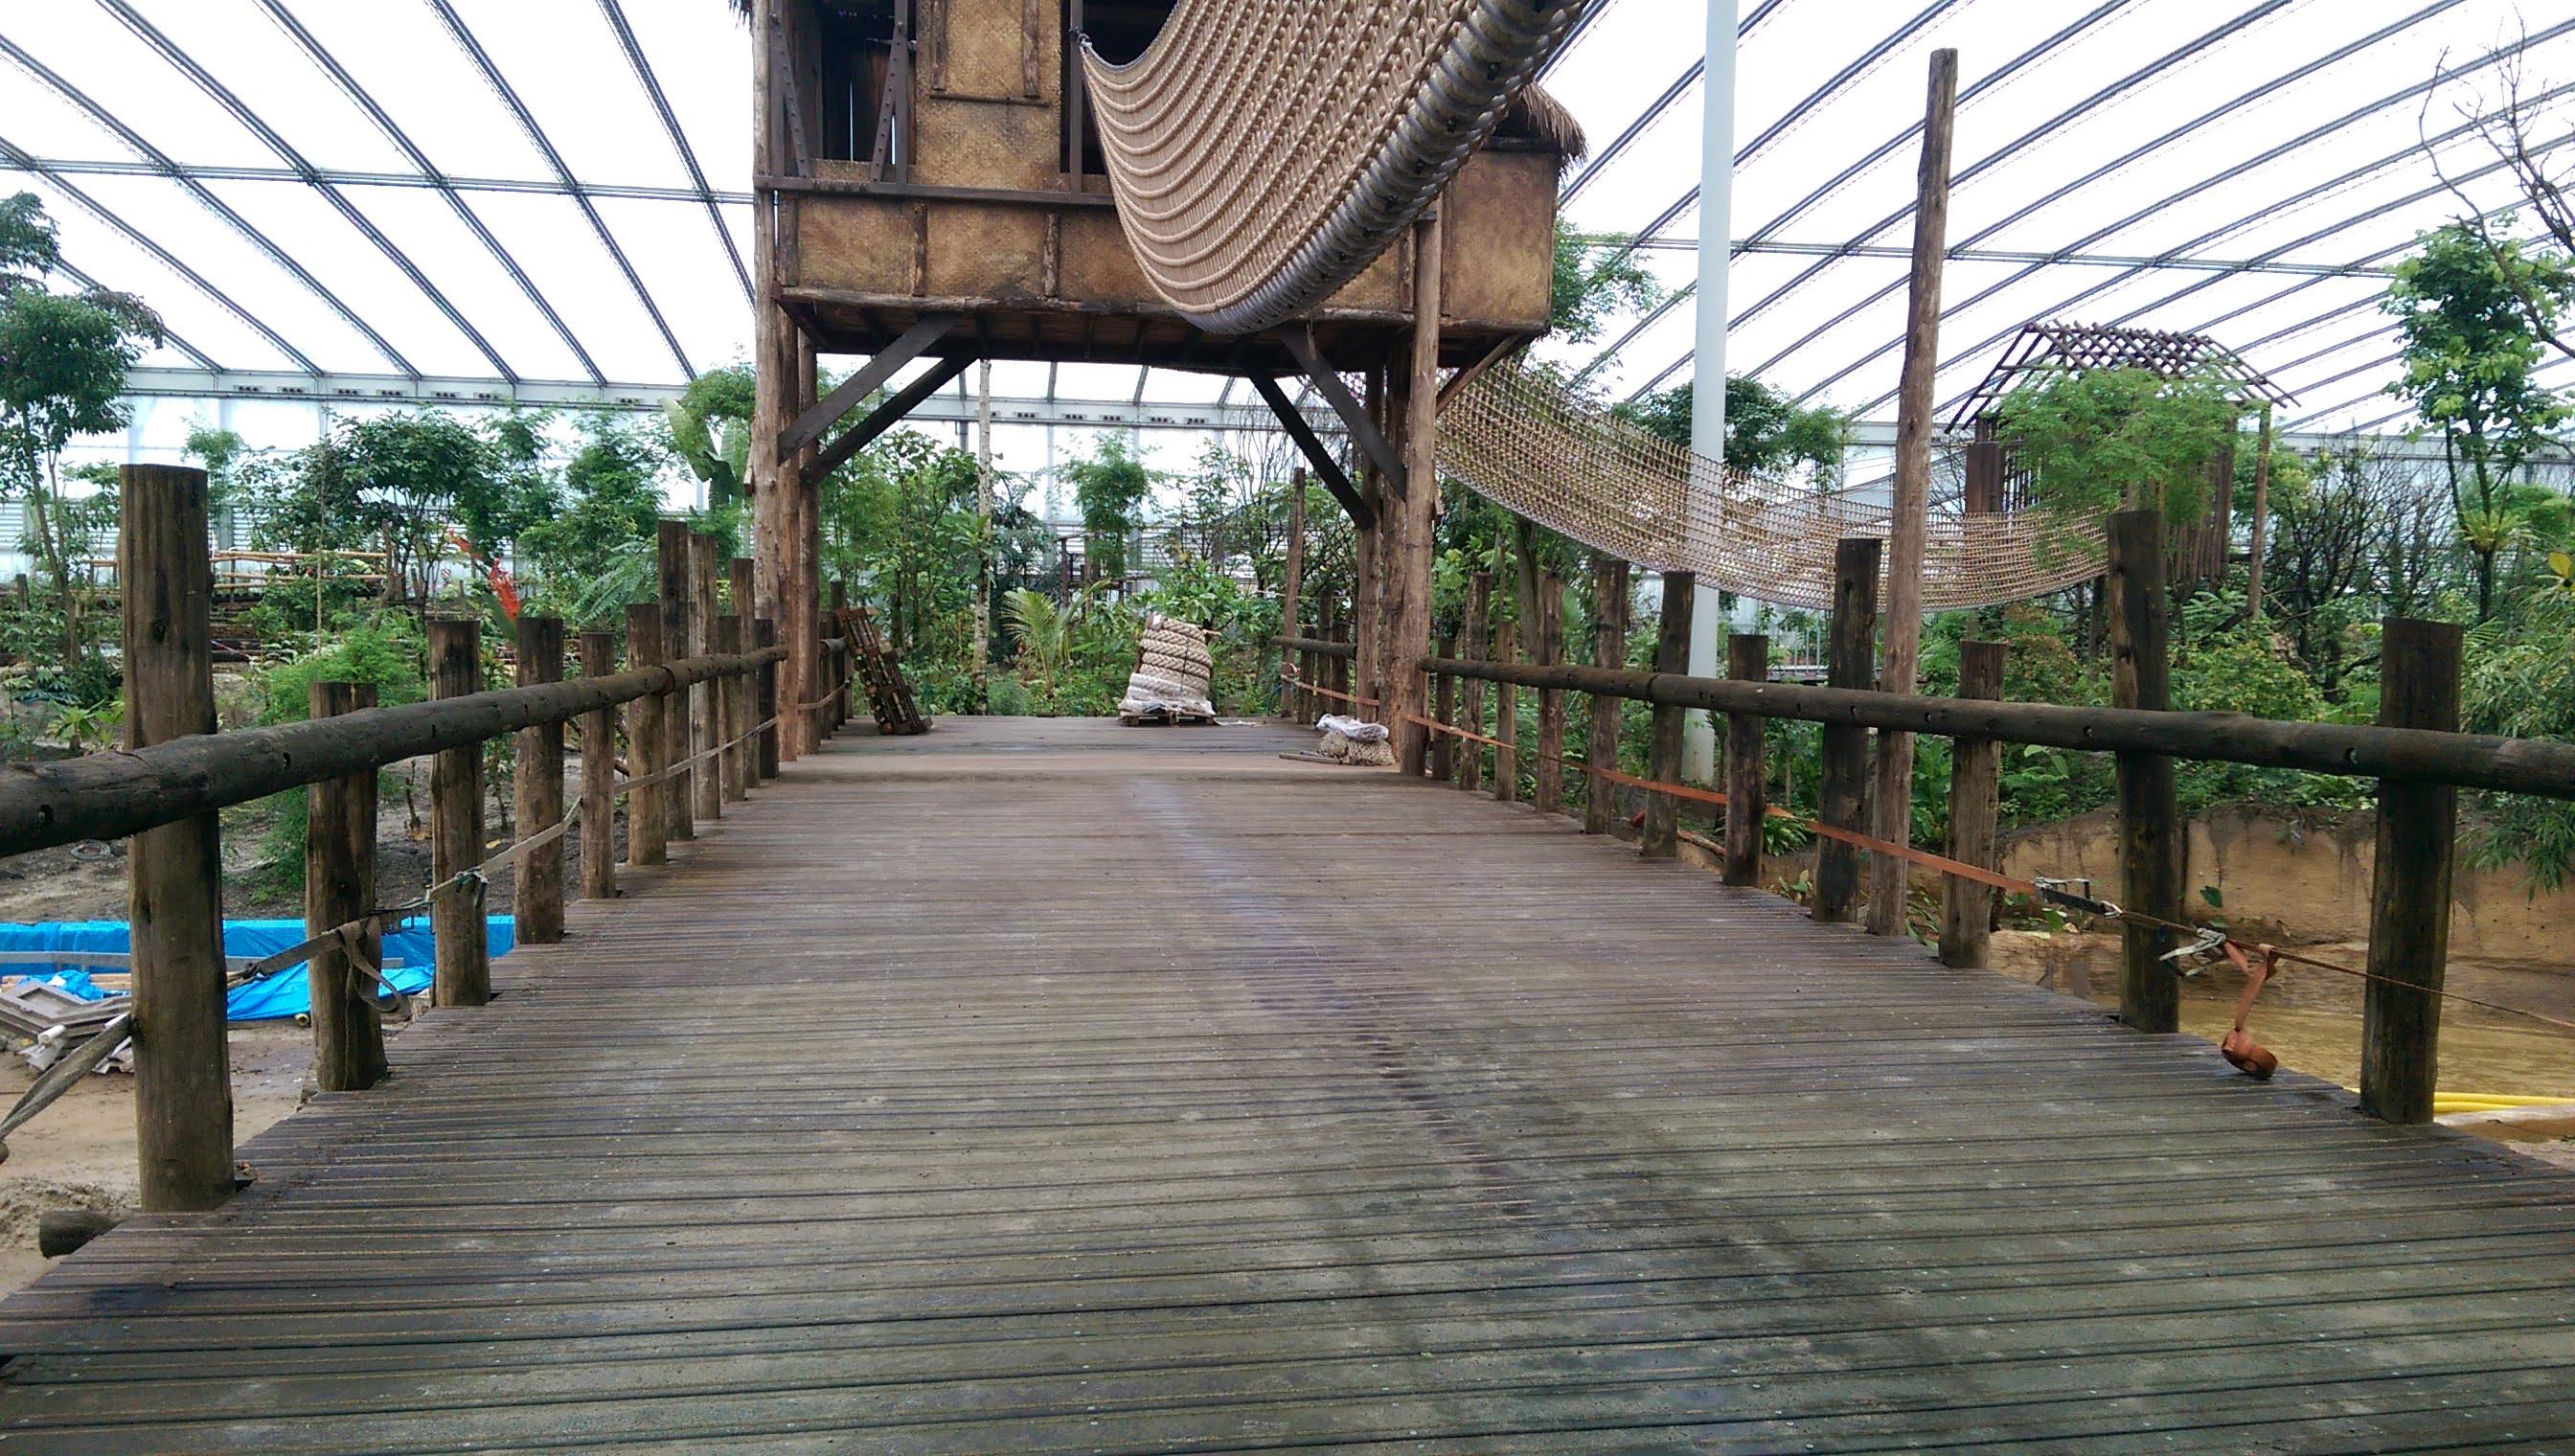 Grootlemmer_houten_bruggen_ liggerbrug_Emmen 01.07